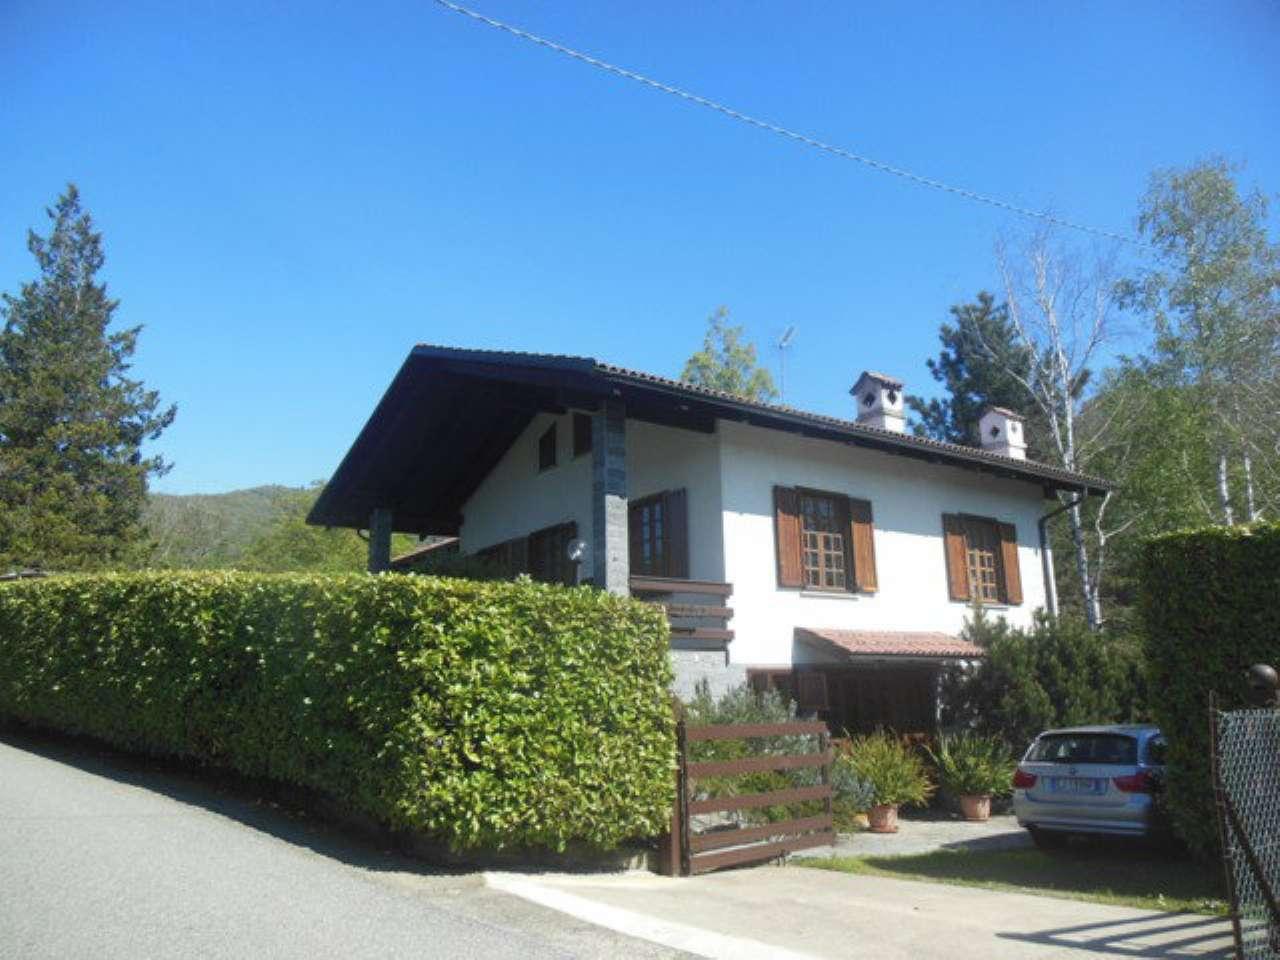 Soluzione Indipendente in vendita a Rocca Canavese, 5 locali, prezzo € 270.000 | Cambio Casa.it